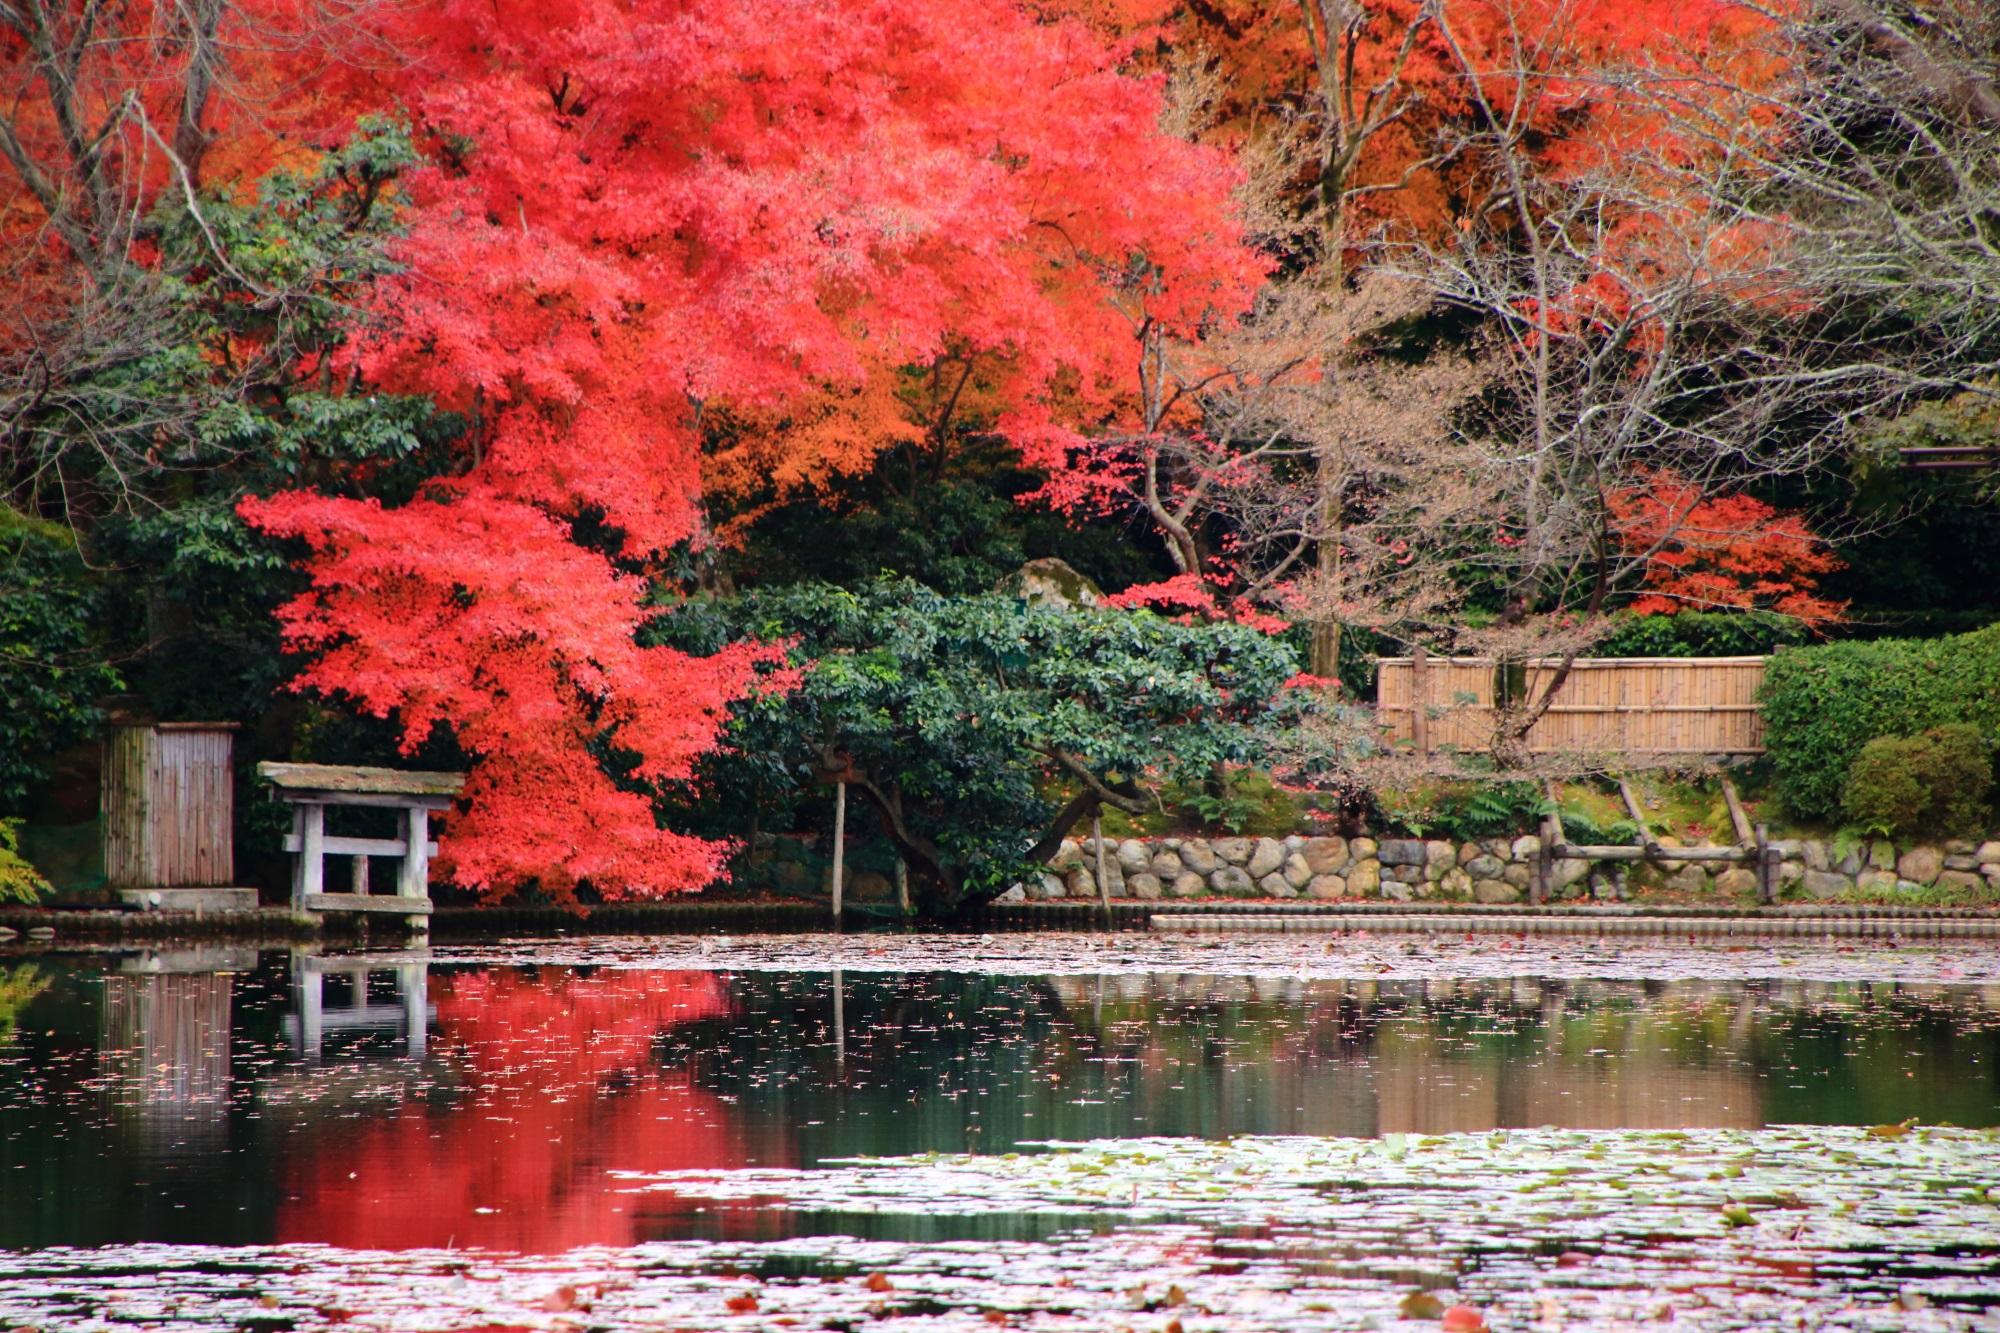 水面すれすれの真っ赤な紅葉